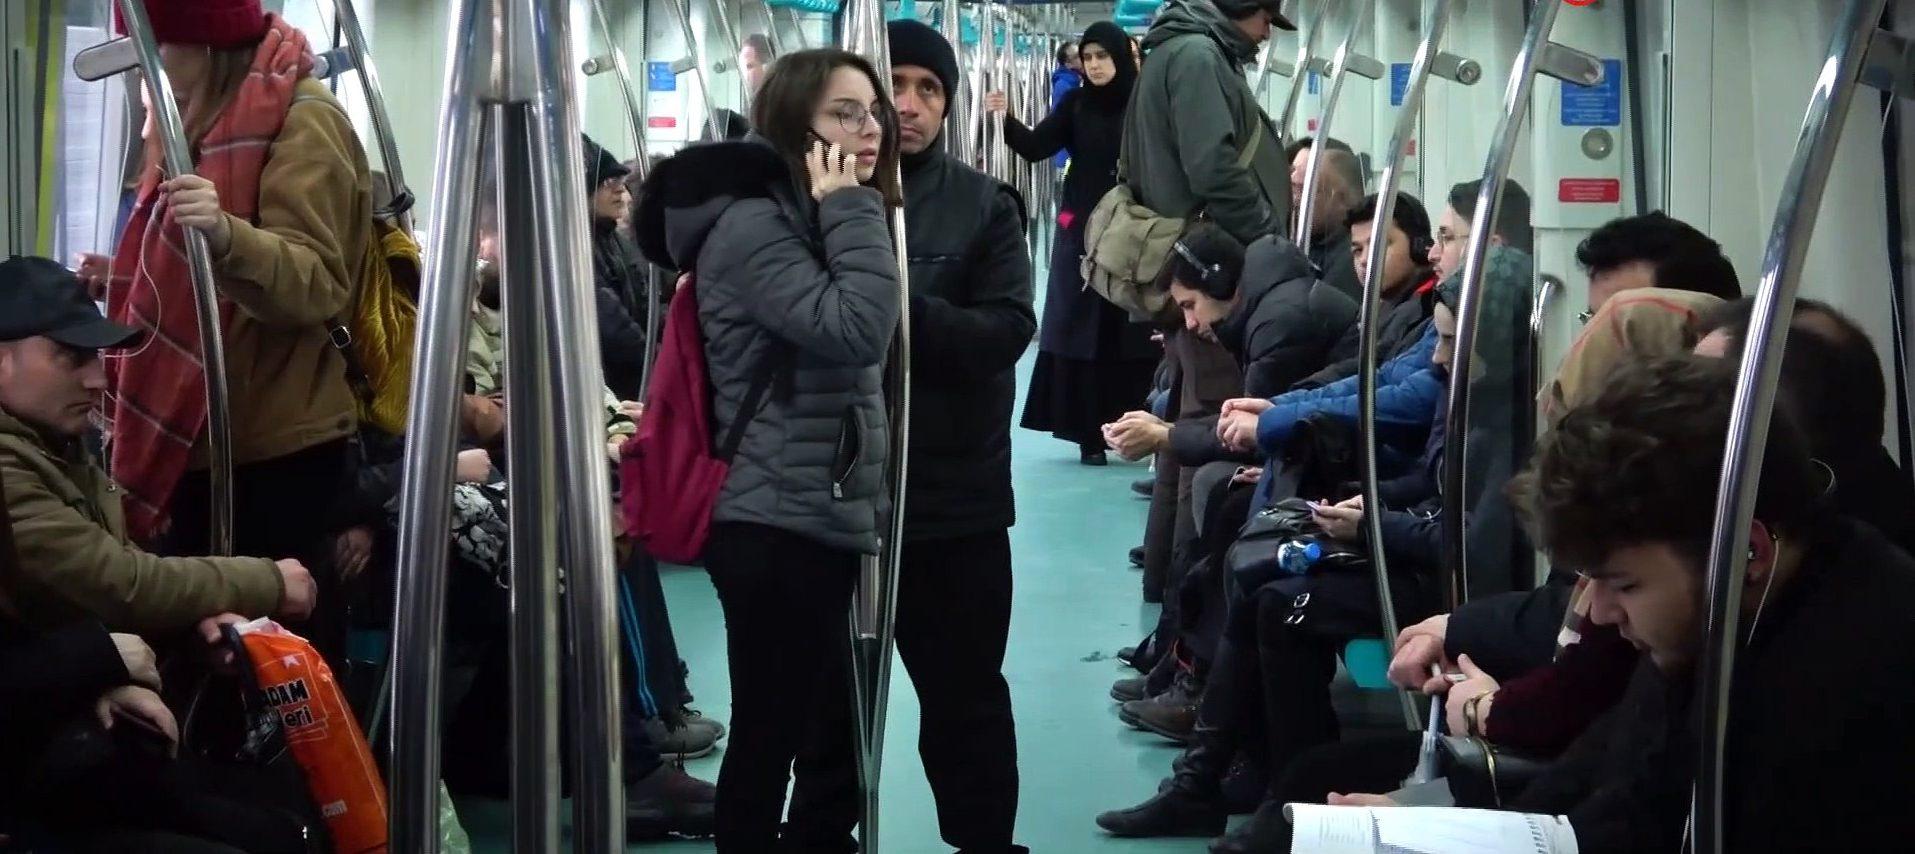 Gebze Halkalı Banliyö Tren hattına halkın yoğun ilgisi